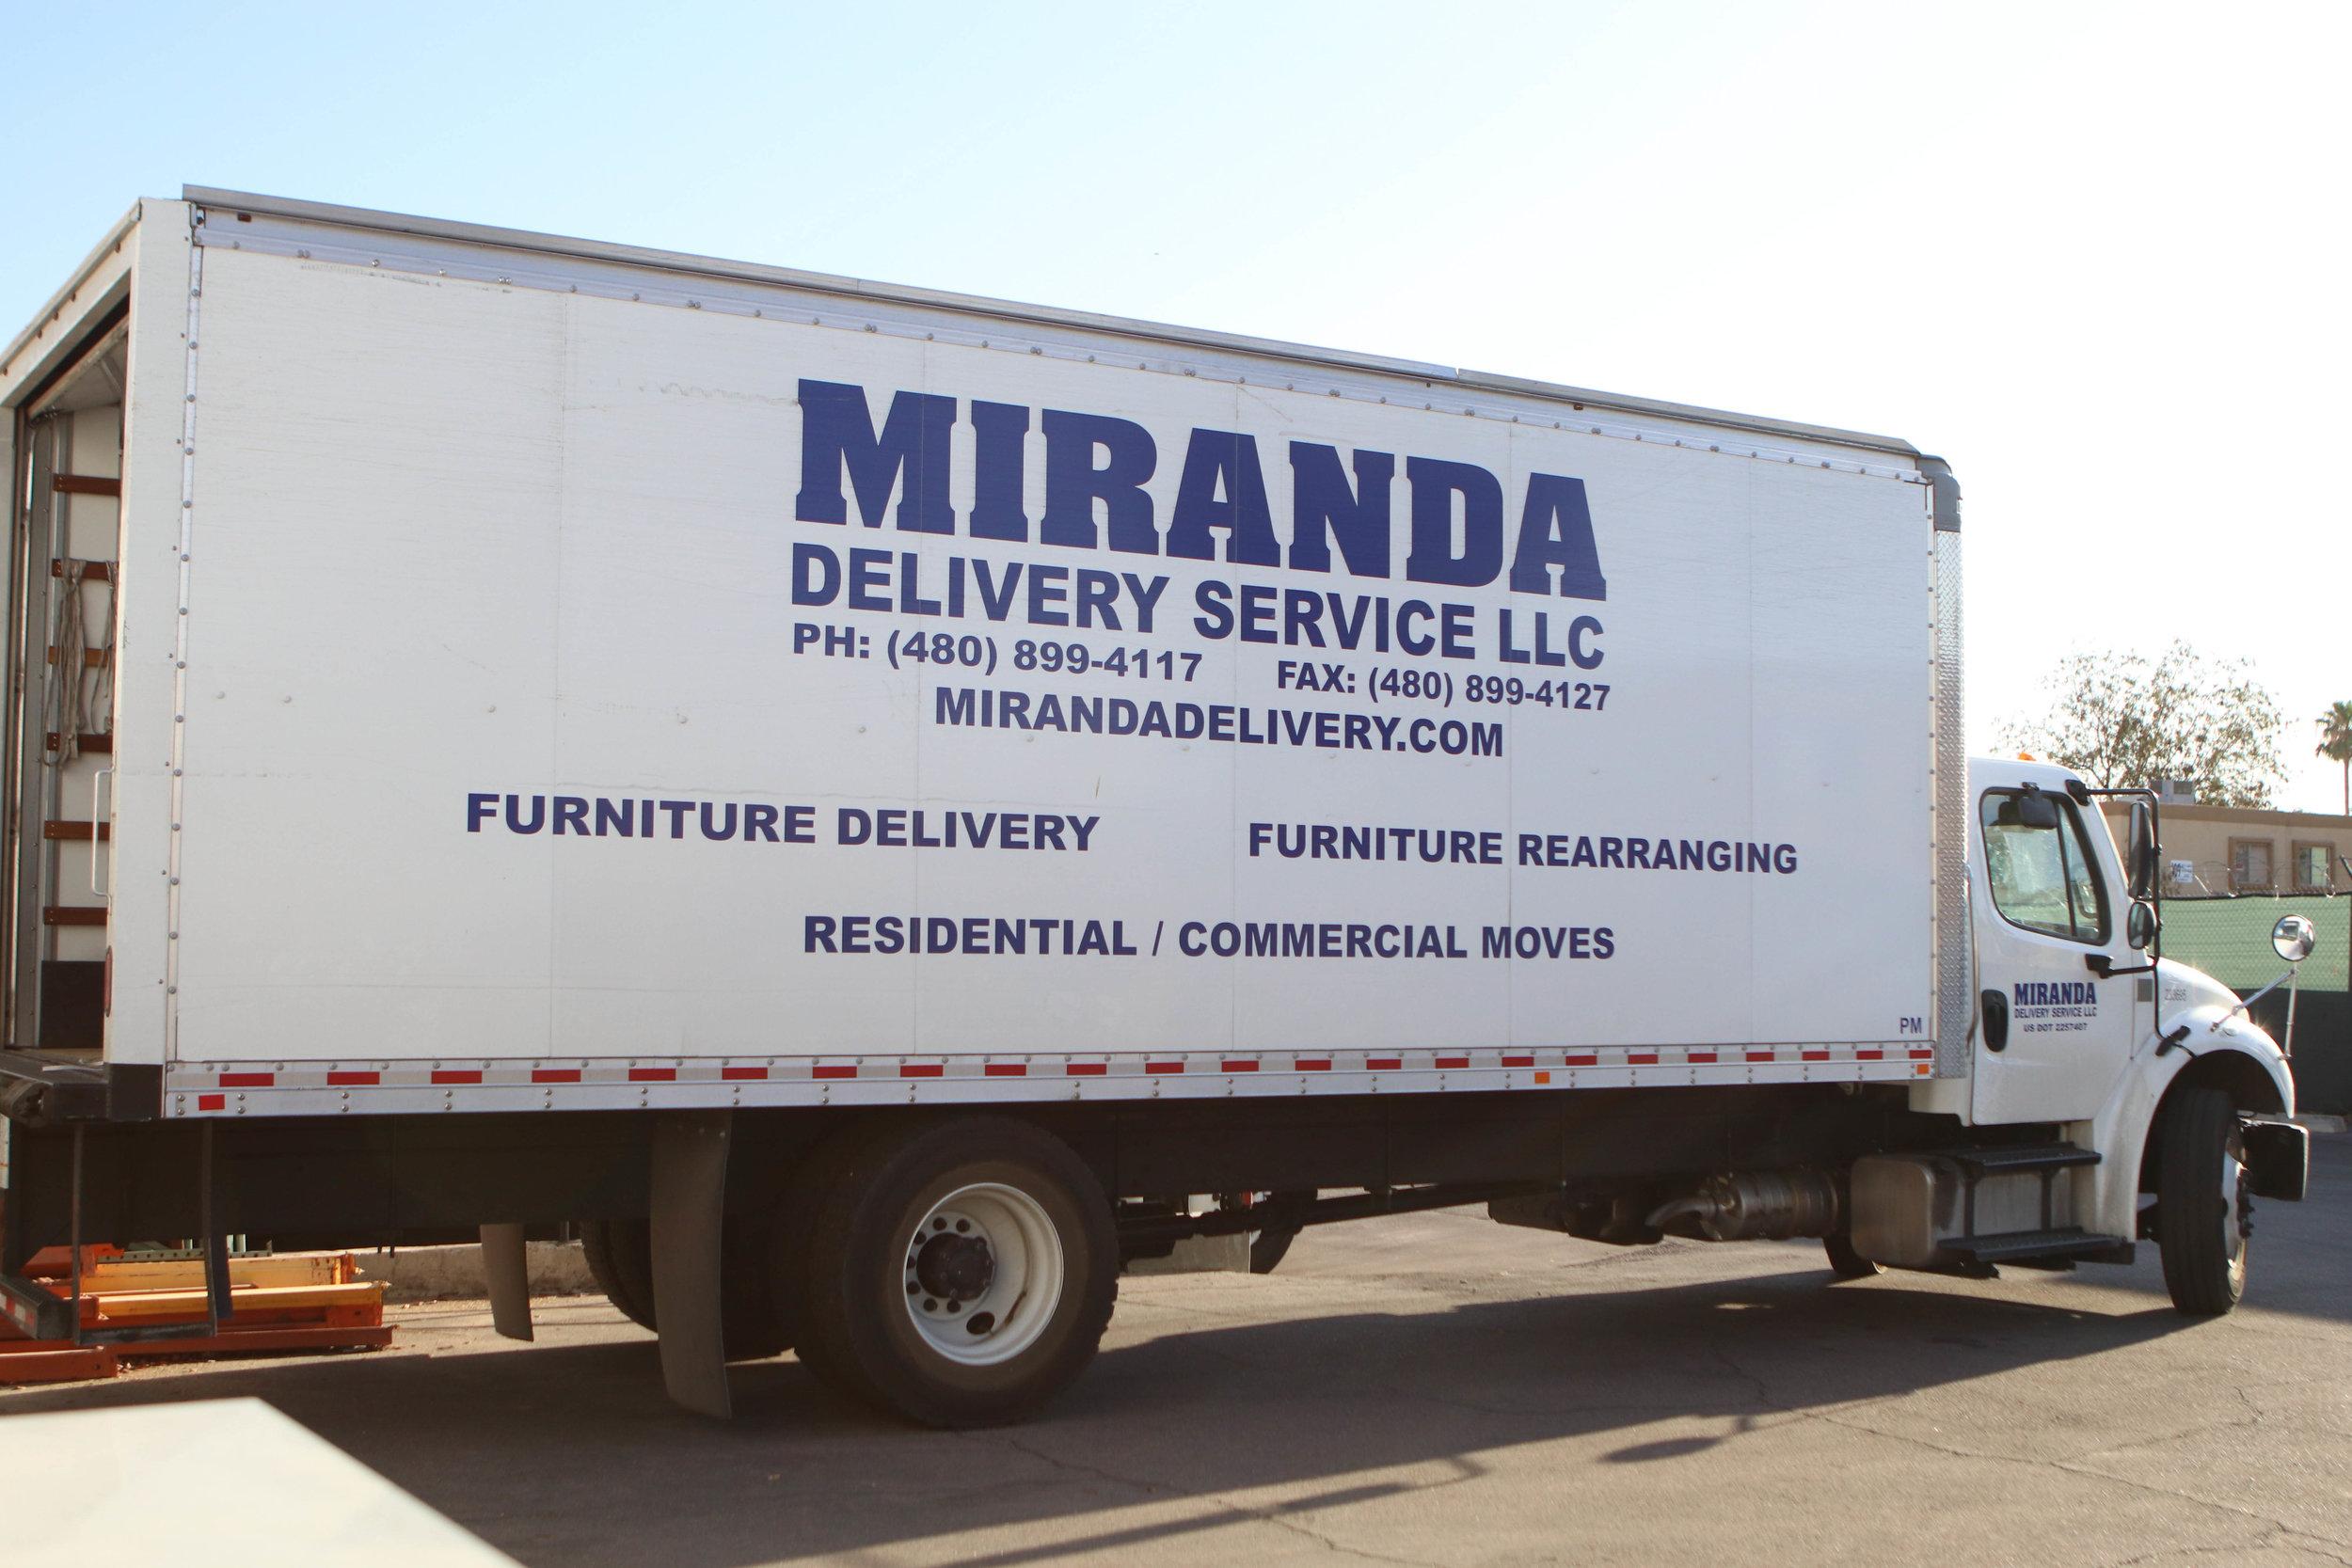 Phoenix Furniture Store Delivery Services Miranda Delivery Service